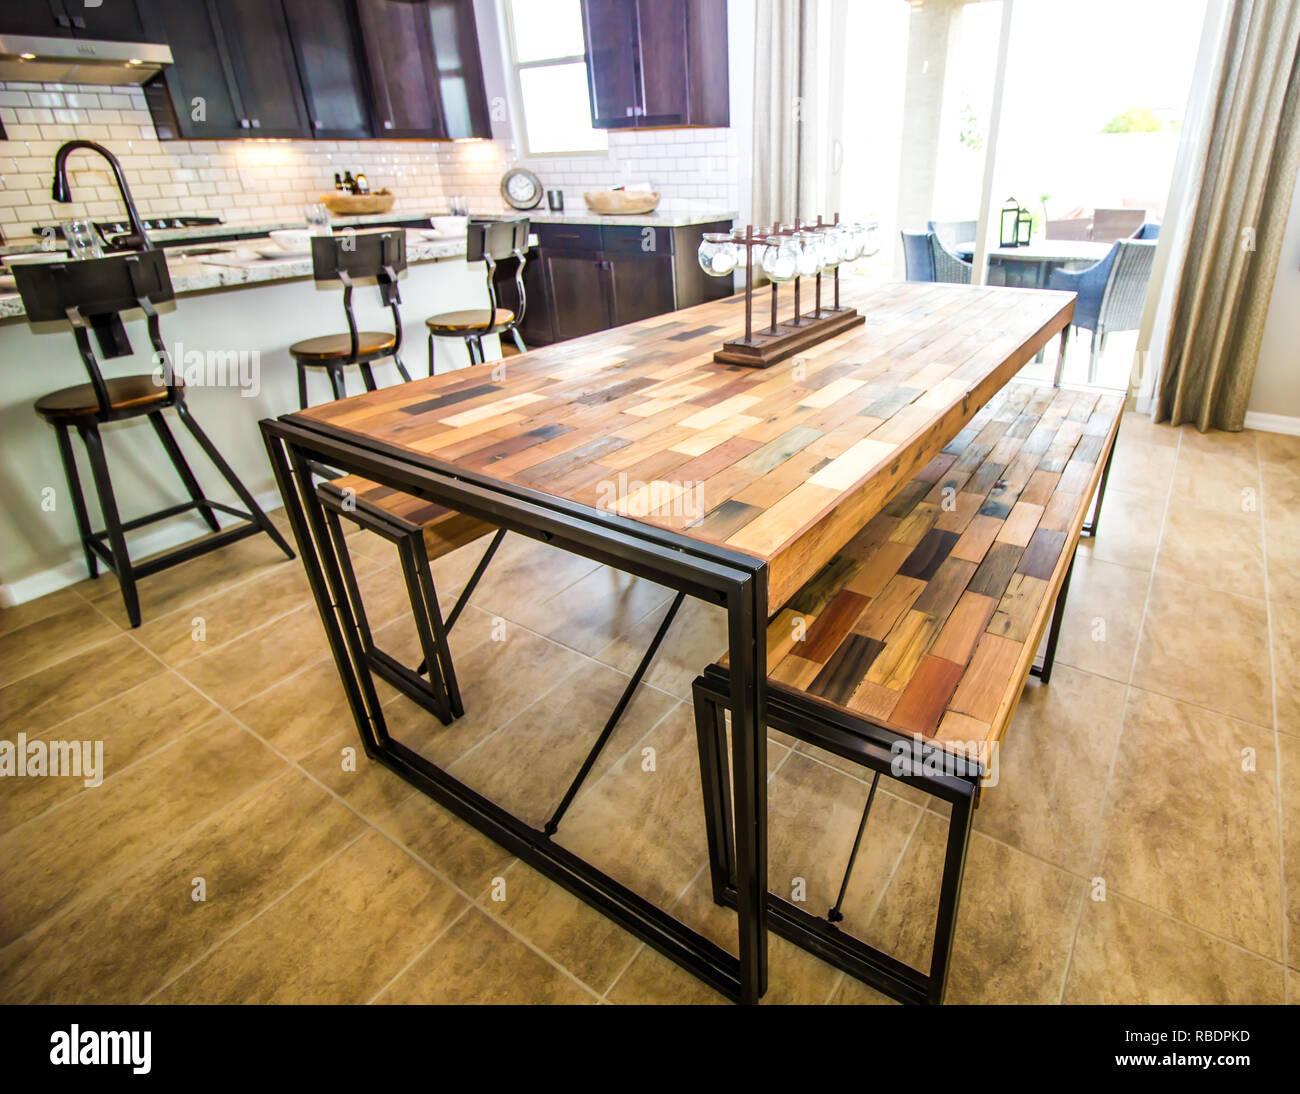 Cocina moderna con exclusiva mesa y bancos de madera de parquet Foto ...